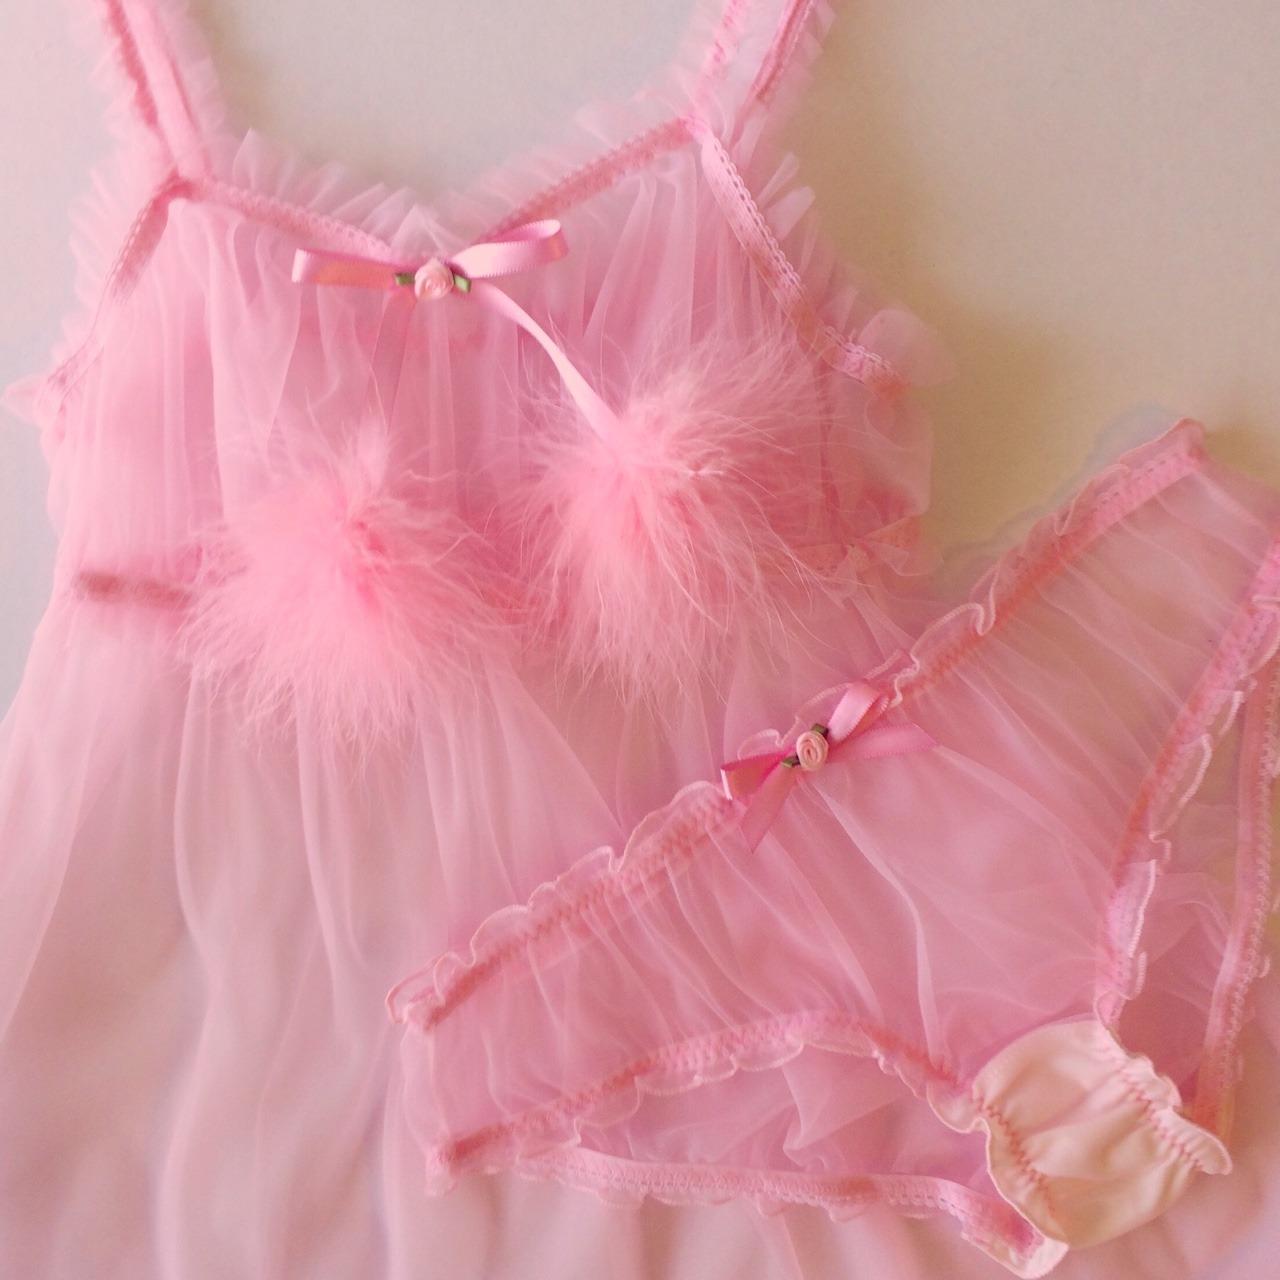 pink thongs tumblr